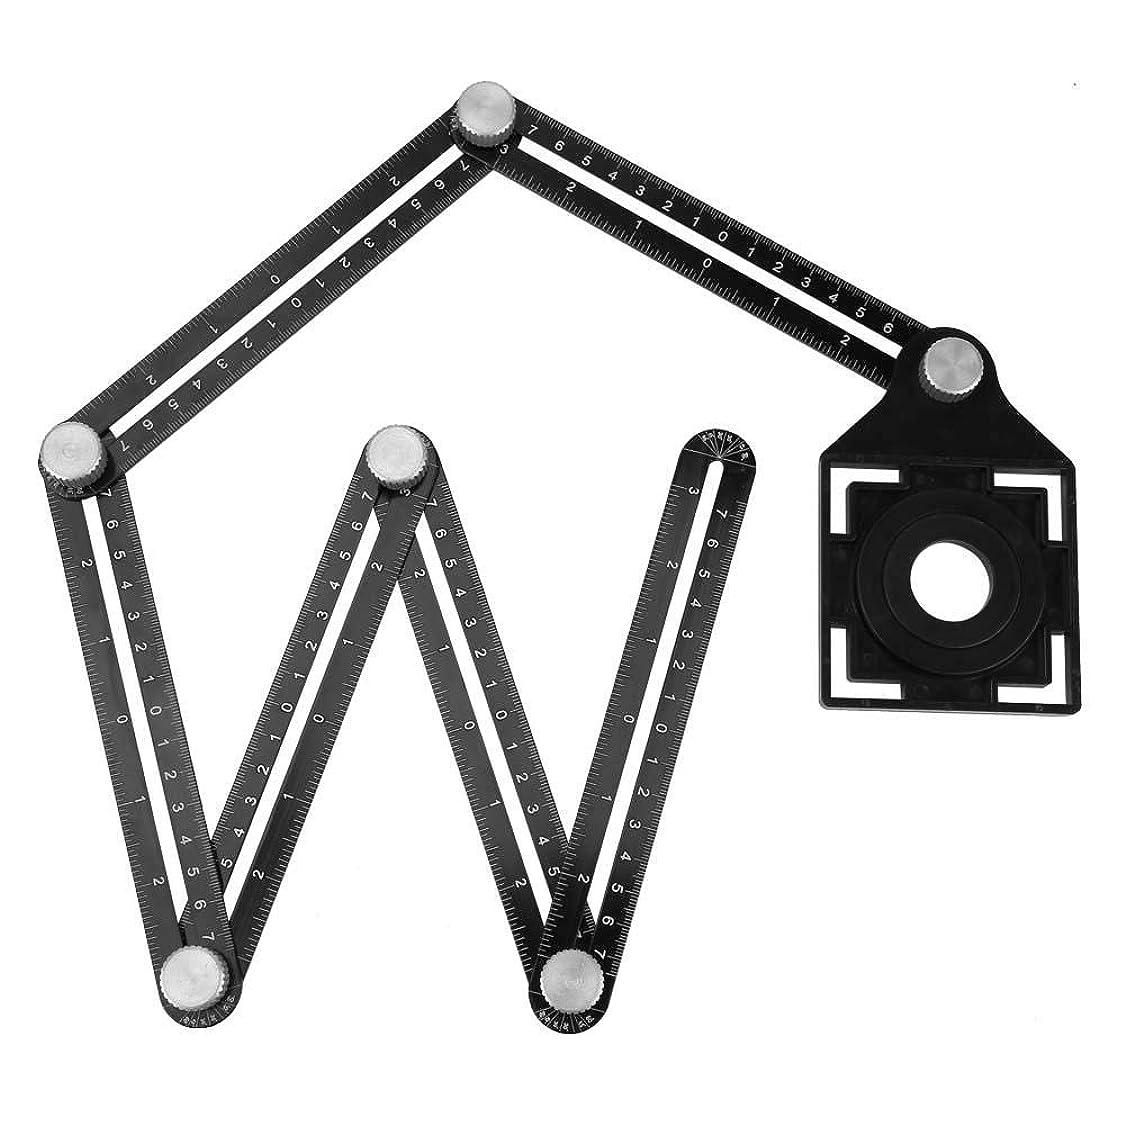 変装拮抗否定する6つ折りの定規、アルミ合金の陶磁器の穴のロケータ多角度の定規陶磁器のガラスタイルの穴のロケータはタイルの開始そして位置のために使用しました